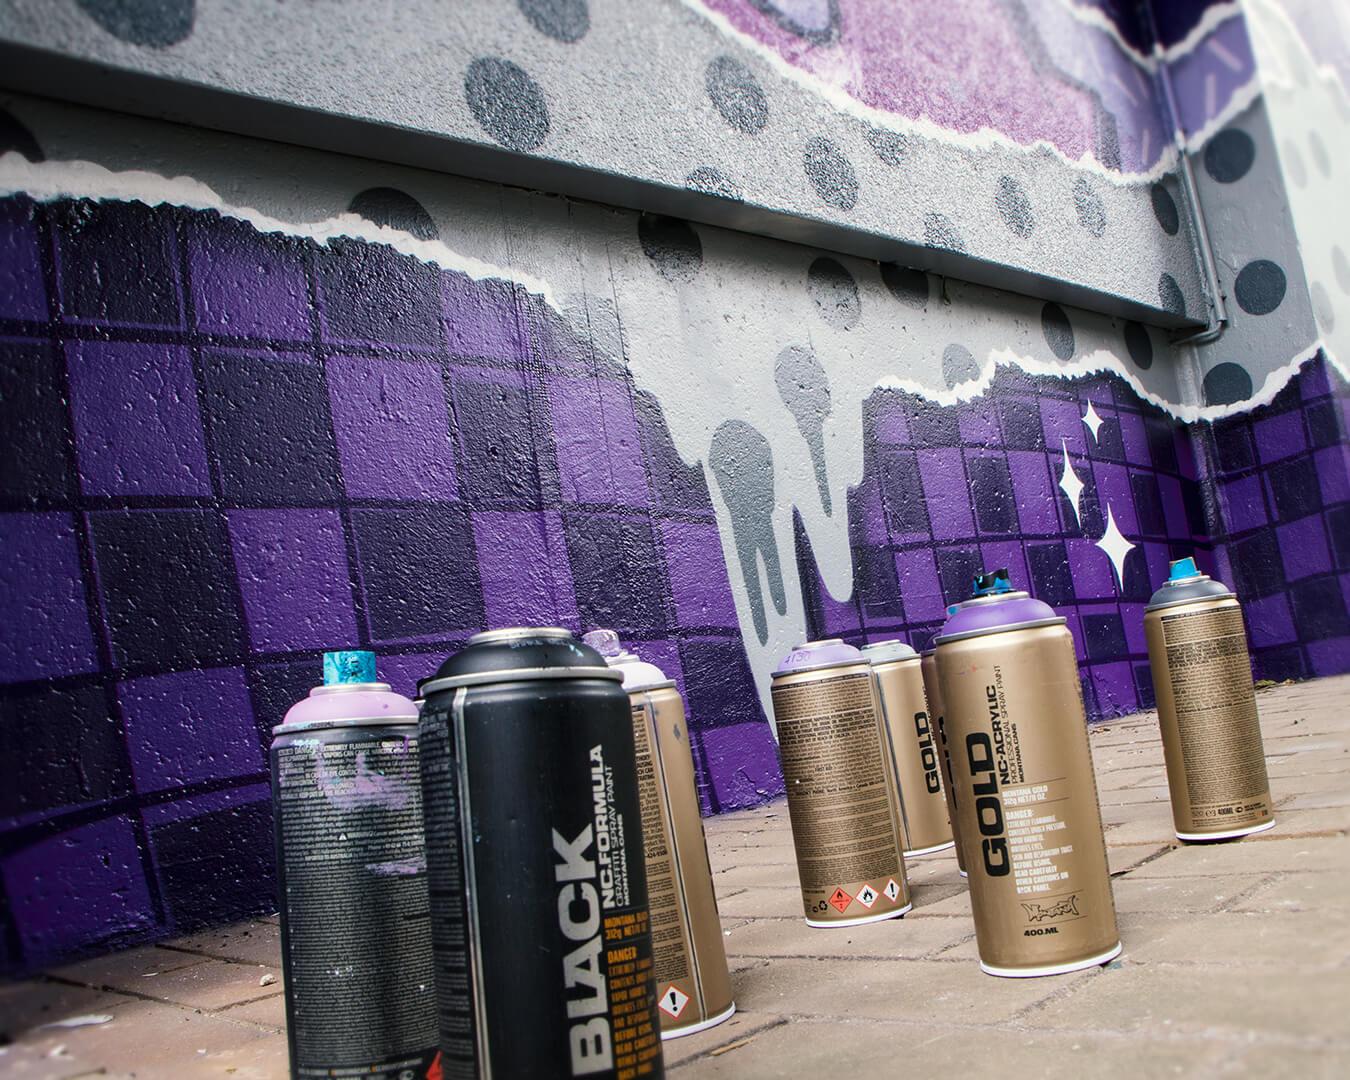 """Graffiti Hausdurchgang """"Stadt und Land"""" Berlin Hellersdorf lila Schachmuster mit Sprühdosen"""